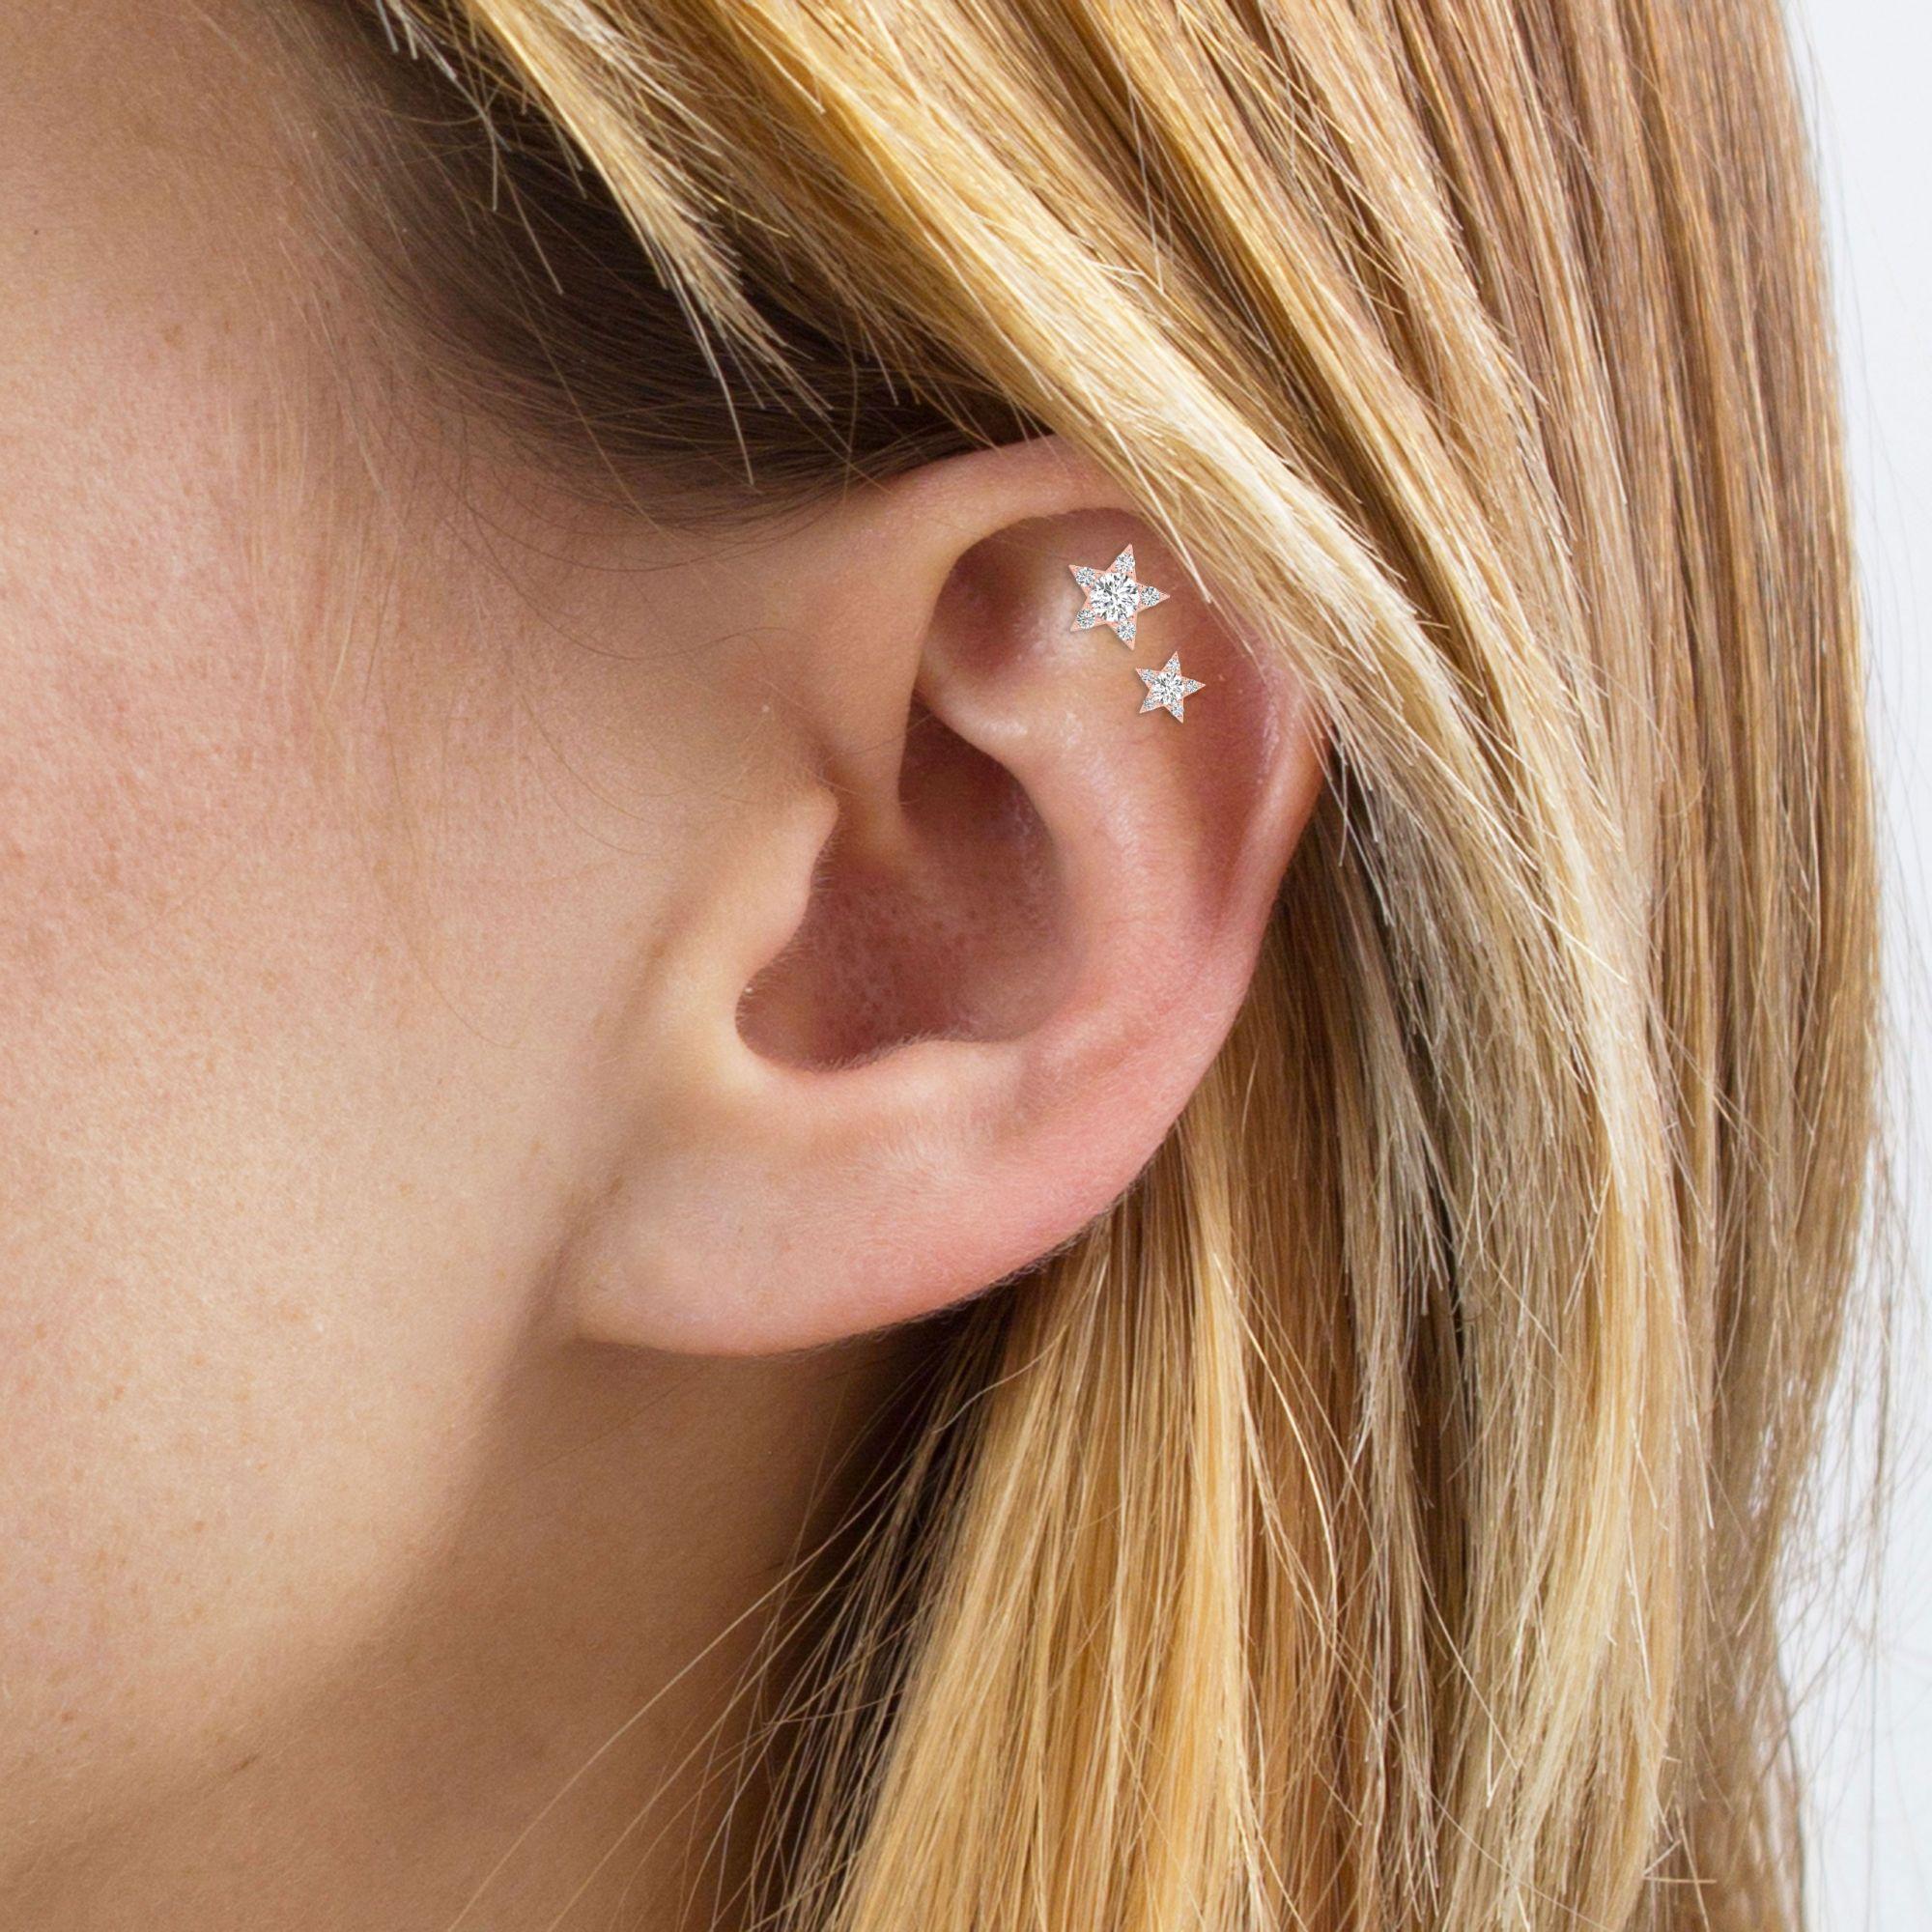 piercing hélix en étoile